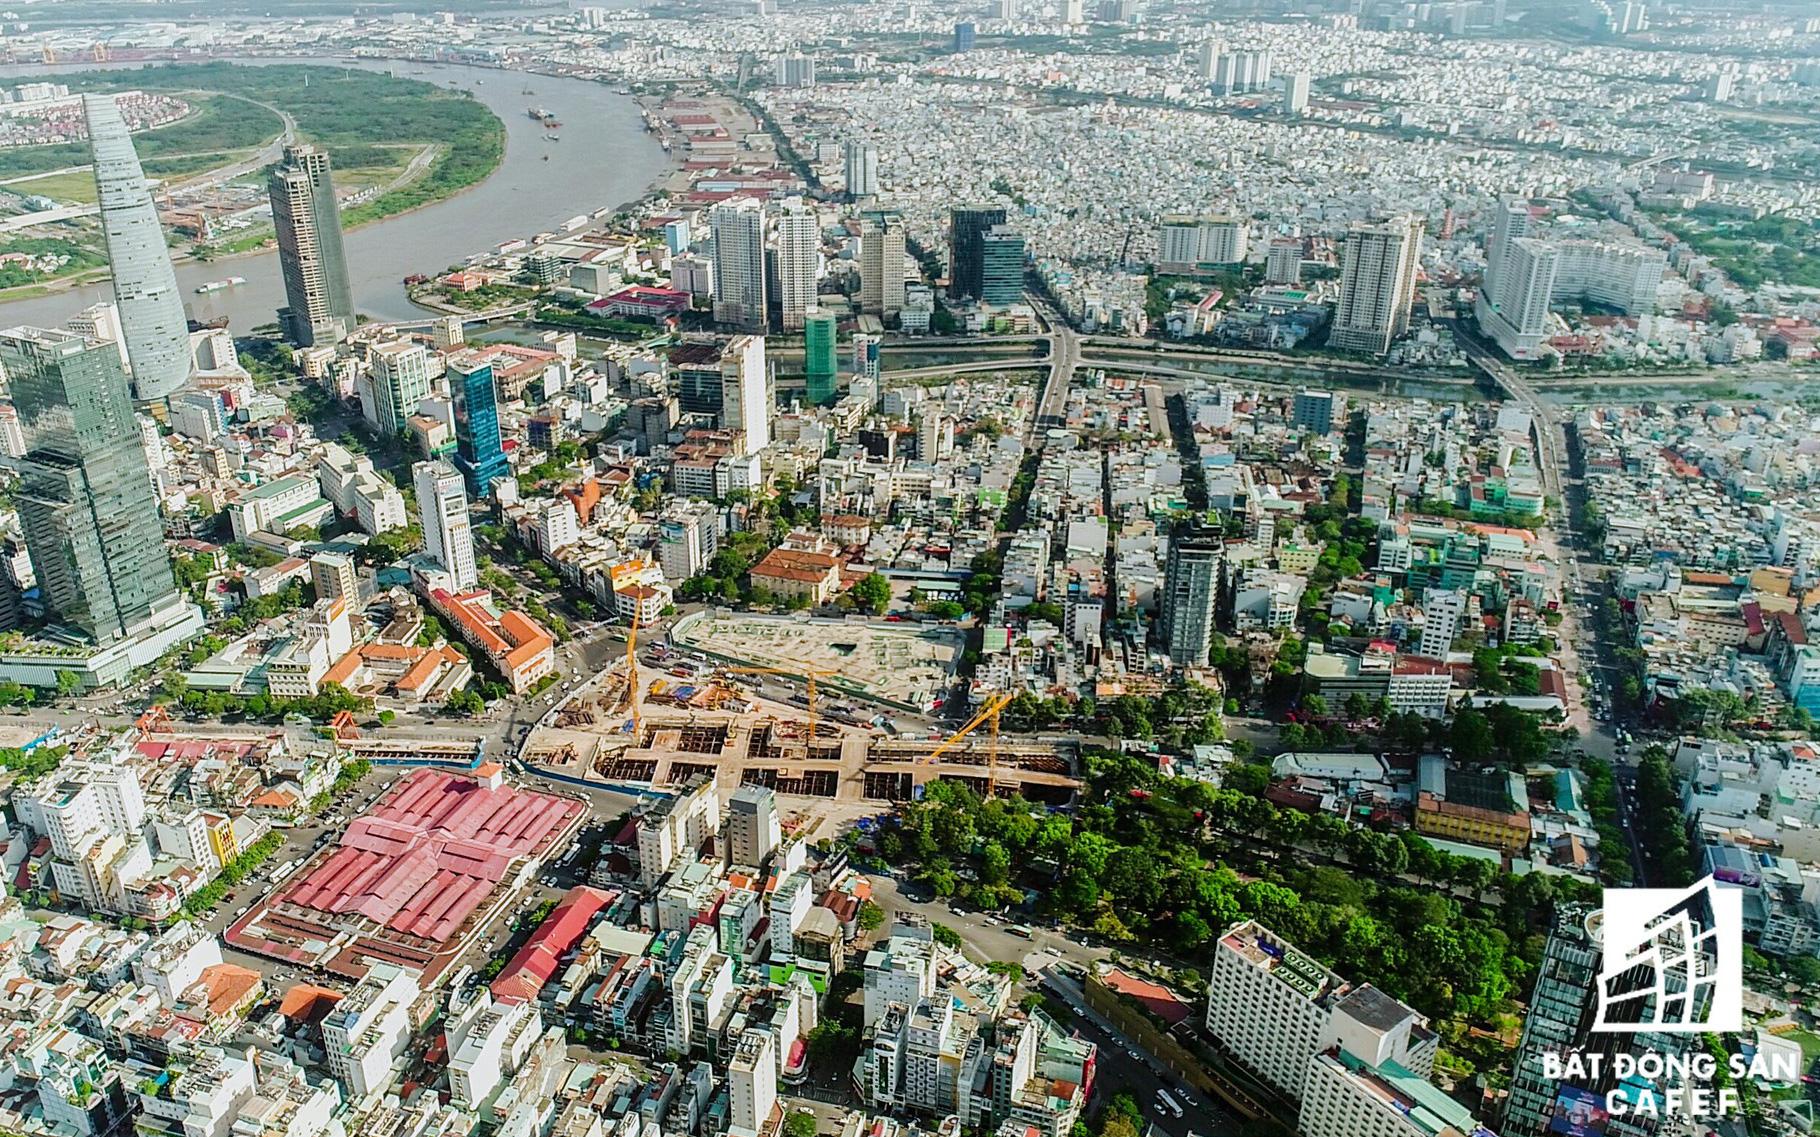 Quỹ đất khan hiếm, siết cấp phép nhà cao tầng khiến căn hộ hạng sang trung tâm Quận 1 có thể tiếp tục tăng giá